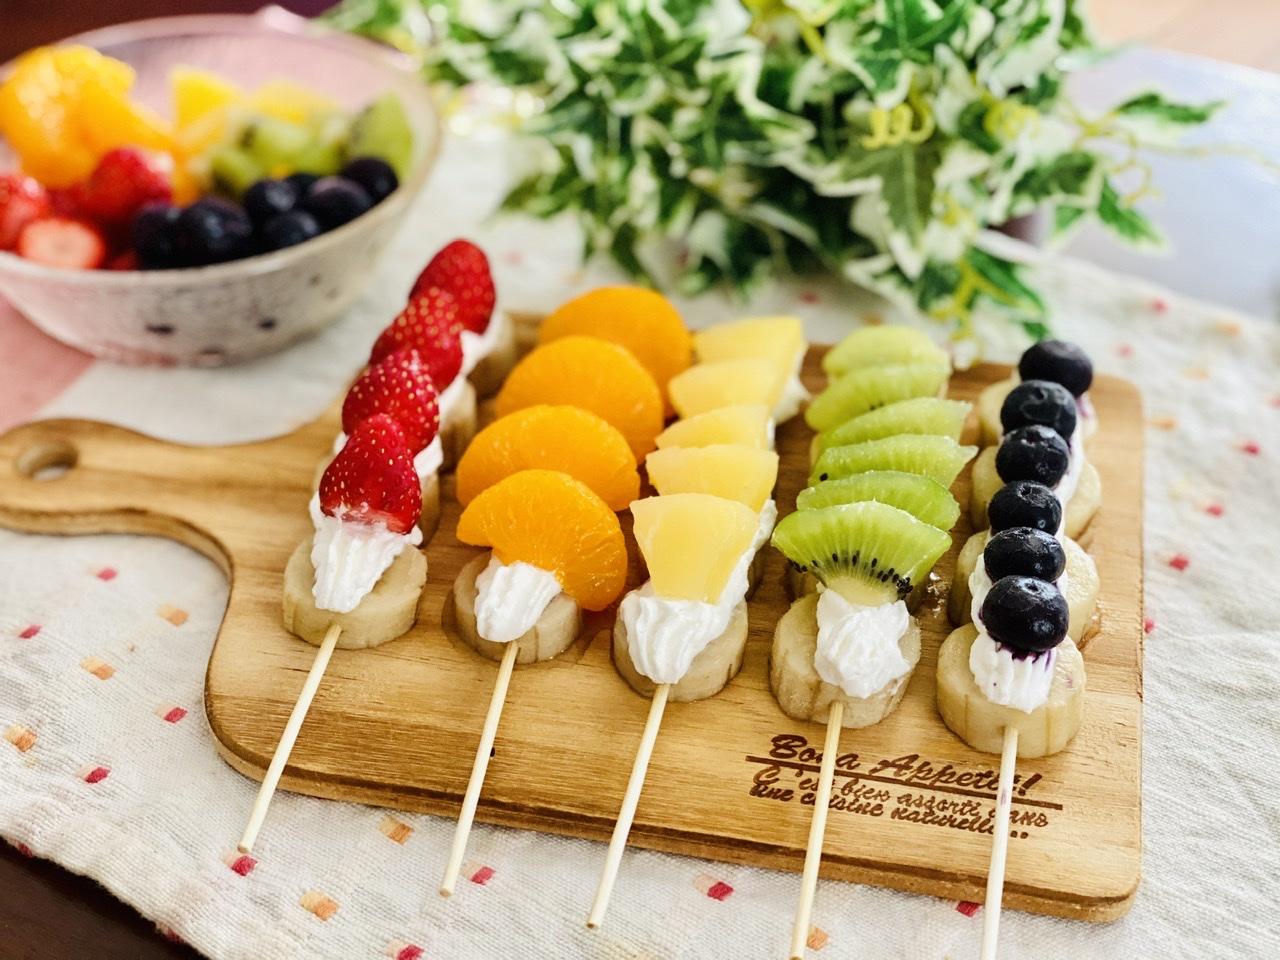 【おうちカフェ】超簡単なのに可愛さ満点!ひんやりスイーツ《冷凍フルーツ棒》が絶品♡Part2_1